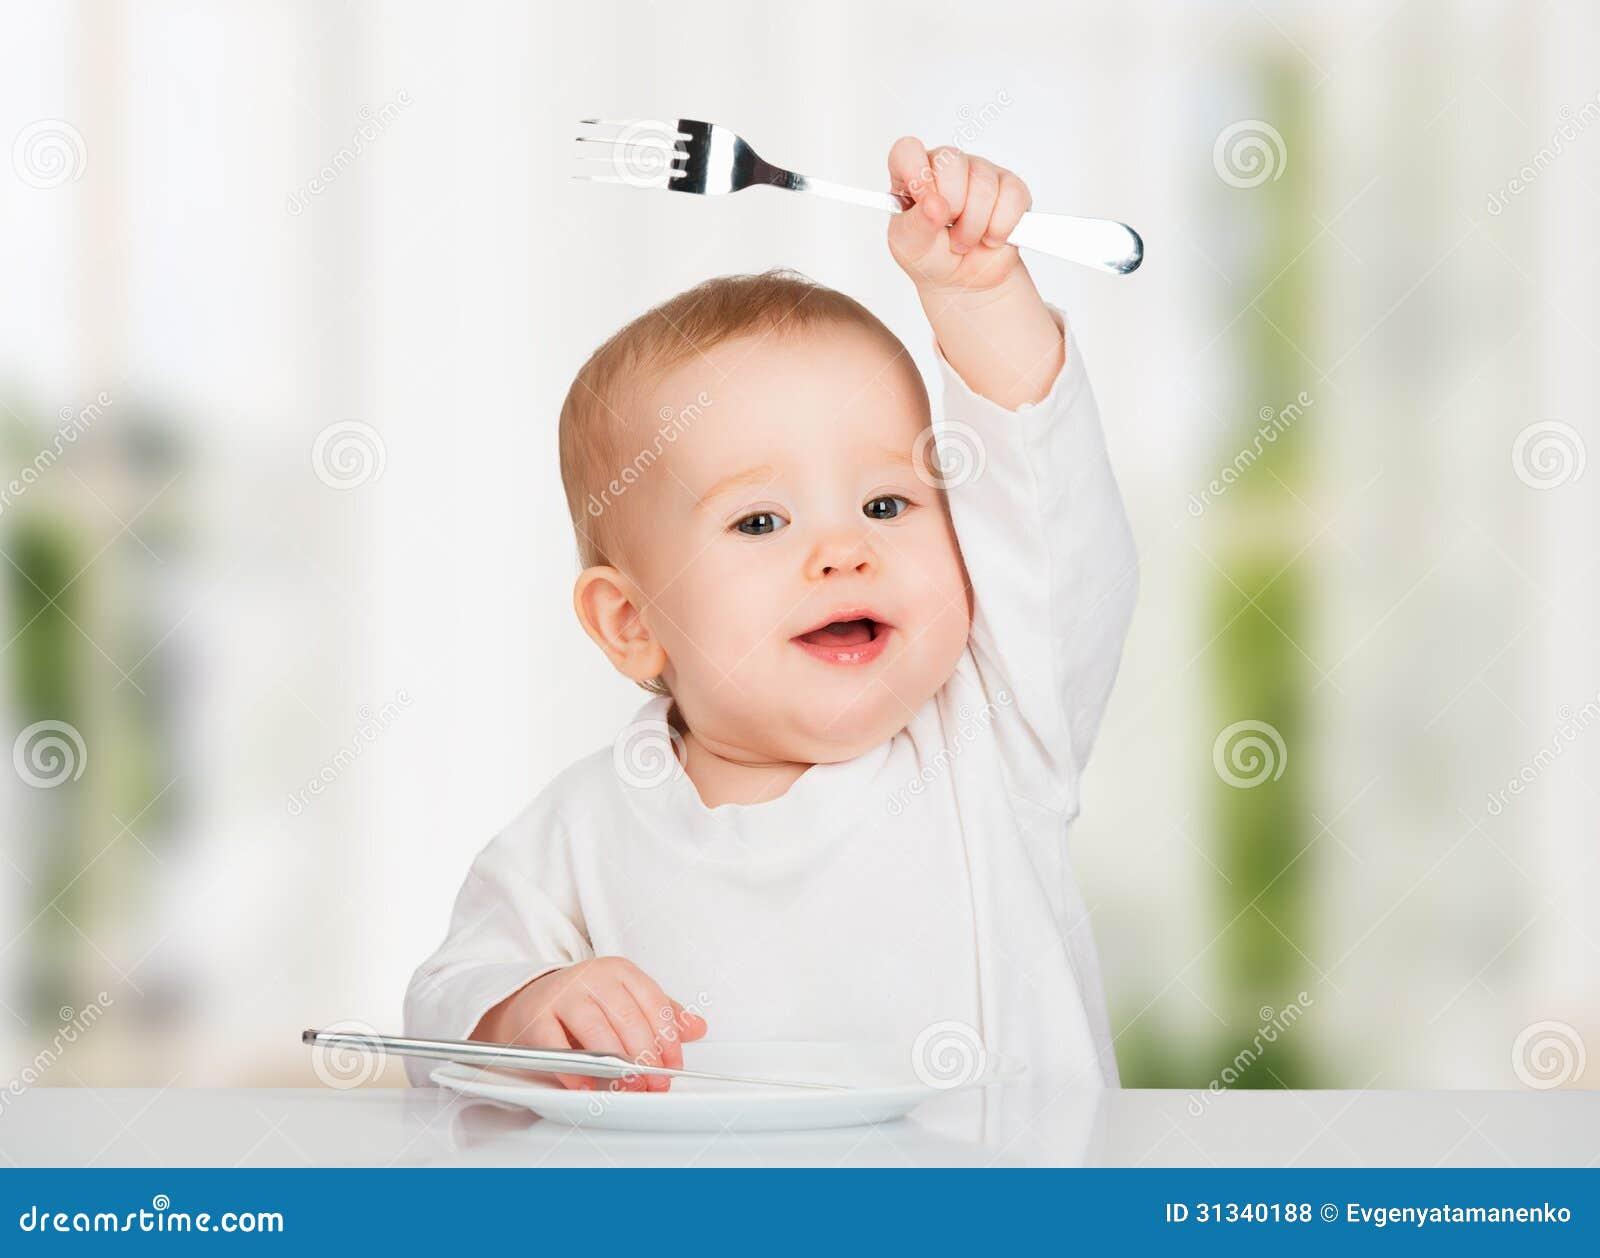 Roligt behandla som ett barn med en kniv och dela sig att äta mat